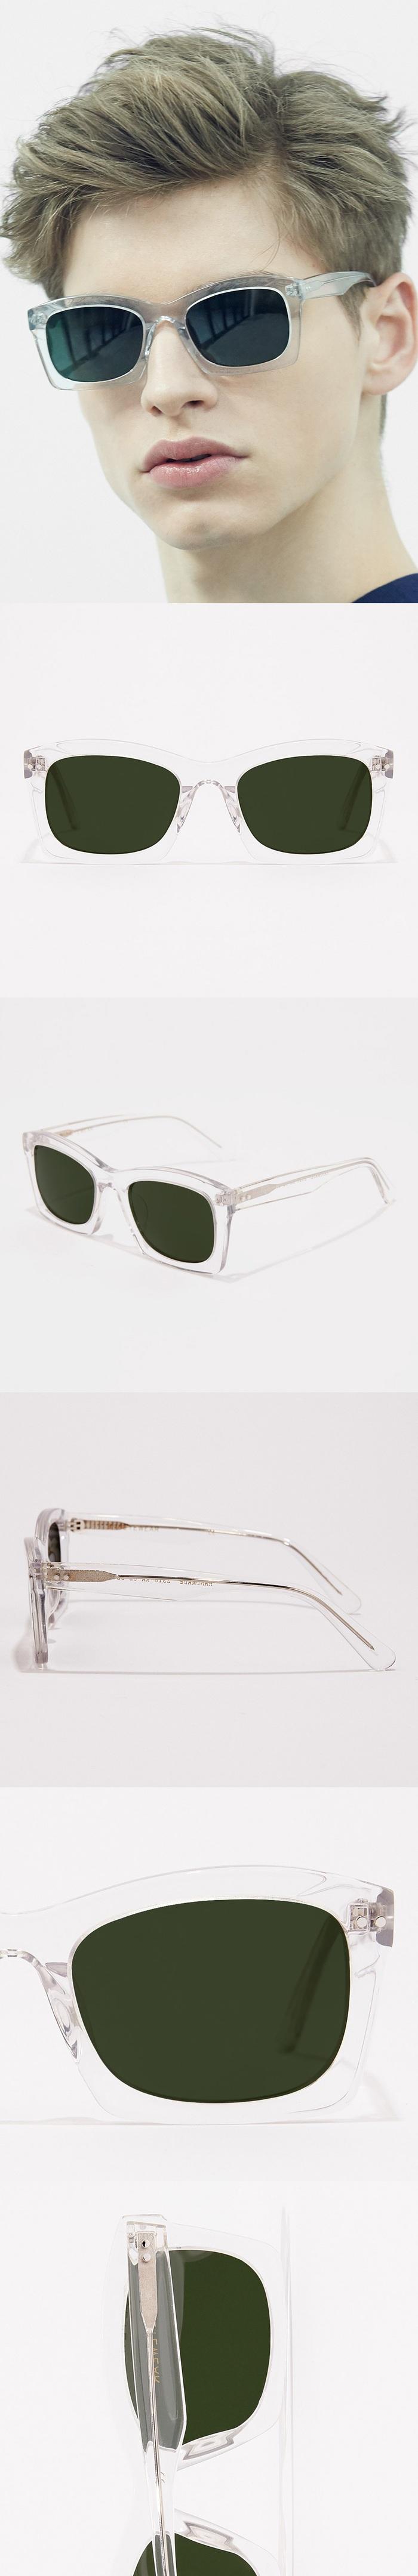 (複製)BVH 太陽眼鏡 2318-RA-01